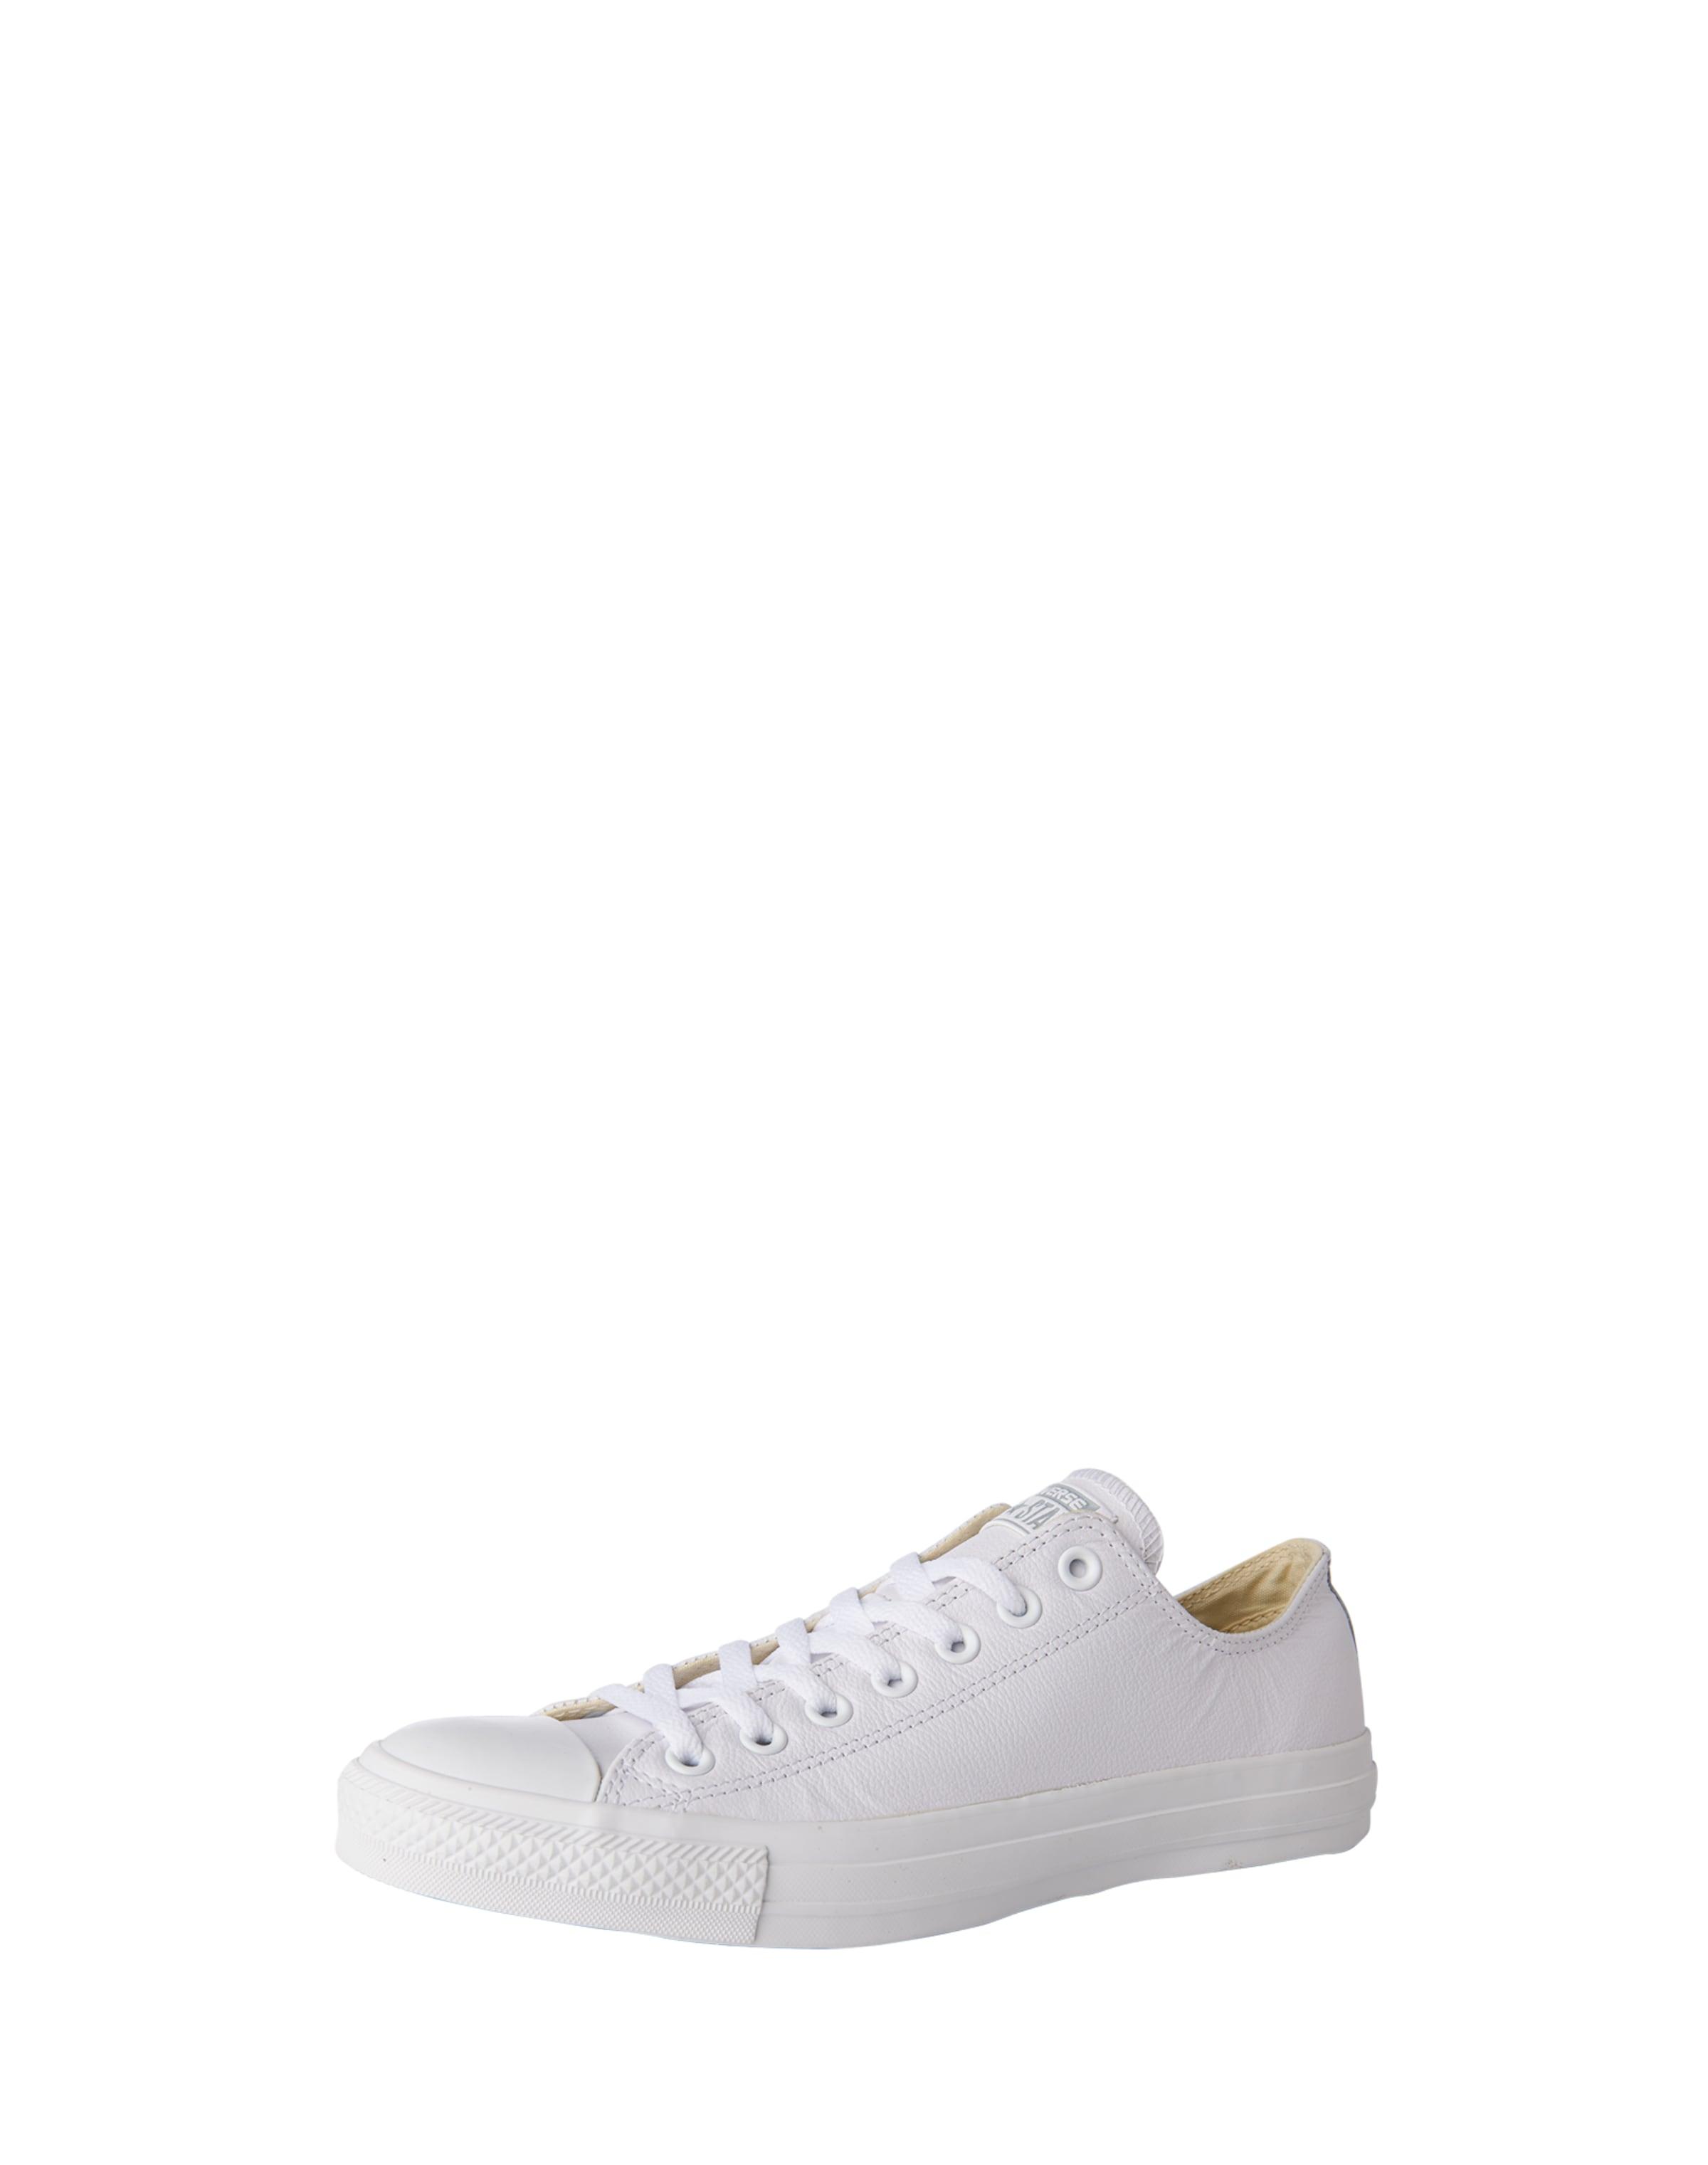 CONVERSE Chuck Taylor All Star Low Top Sneaker Offizielle Günstig Online Günstig Kaufen Günstigsten Preis Unter 50 Dollar Beste Angebote Npjc0mtc